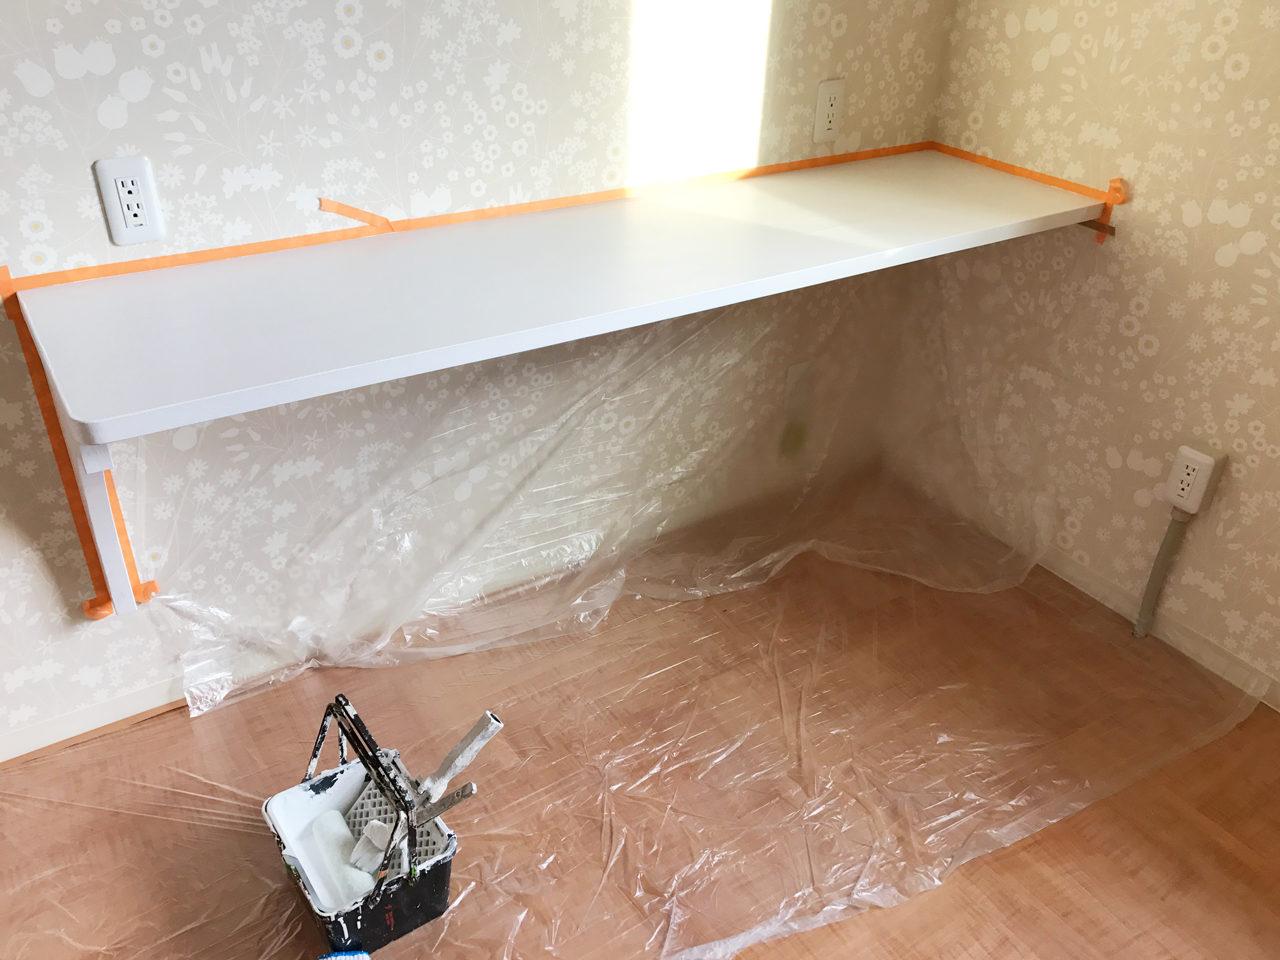 レディース治療院(はり・あん・マッサージ)付き二世帯住宅の施術室内作業用カウンター塗装後